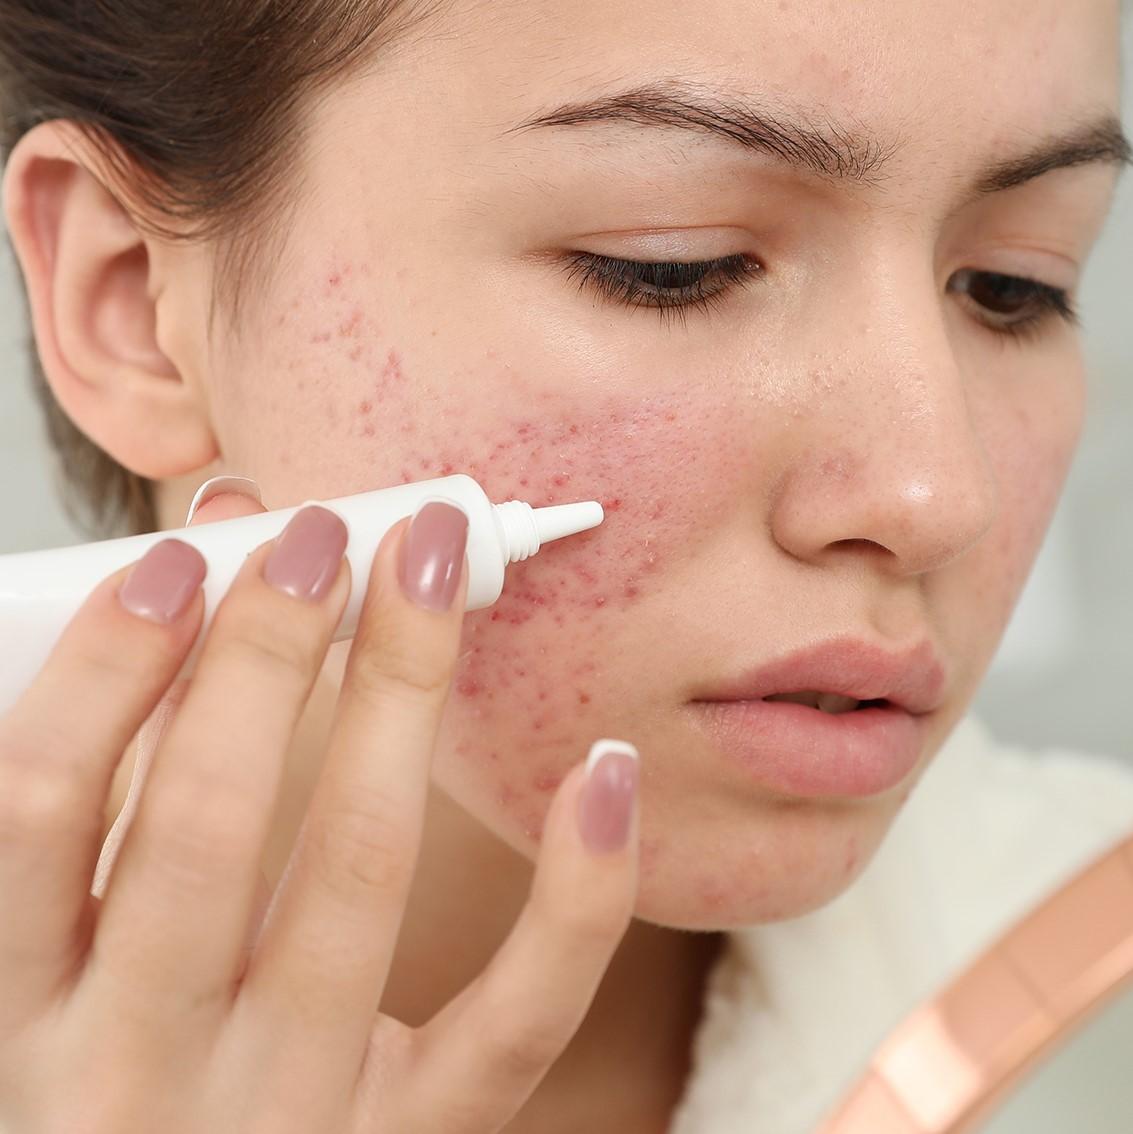 Die Alltagsmaske ist eine wichitge präventive Coroamaßnahme. Doch die Maske wird für Viele zu einem (Haut-)Problem, je öfter und länger sie getragen wird.